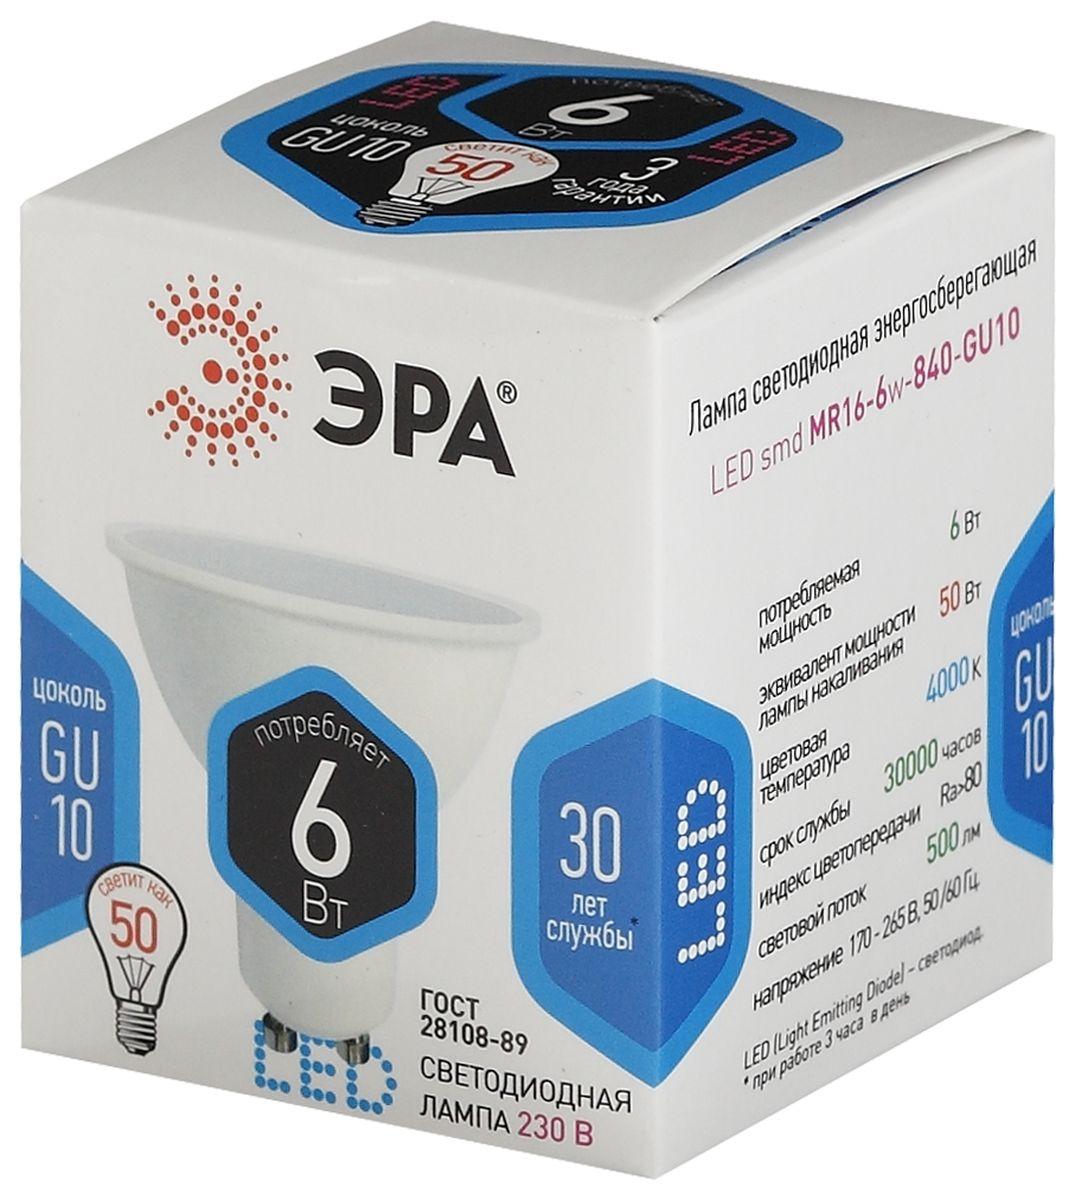 Лампа светодиодная ЭРА, цоколь GU10, 170-265V, 6W, 4000К5055945518177Светодиодная лампа ЭРА является самым перспективным источником света. Основным преимуществом данного источника света является длительный срок службы и очень низкое энергопотребление, так, например, по сравнению с обычной лампой накаливания светодиодная лампа служит в среднем в 50 раз дольше и потребляет в 10-15 раз меньше электроэнергии. При этом светодиодная лампа практически не подвержена механическому воздействию из-за прочной конструкции и позволяет получить любой цвет светового потока, что, несомненно, расширяет возможности применения и позволяет создавать новые решения в области освещения.